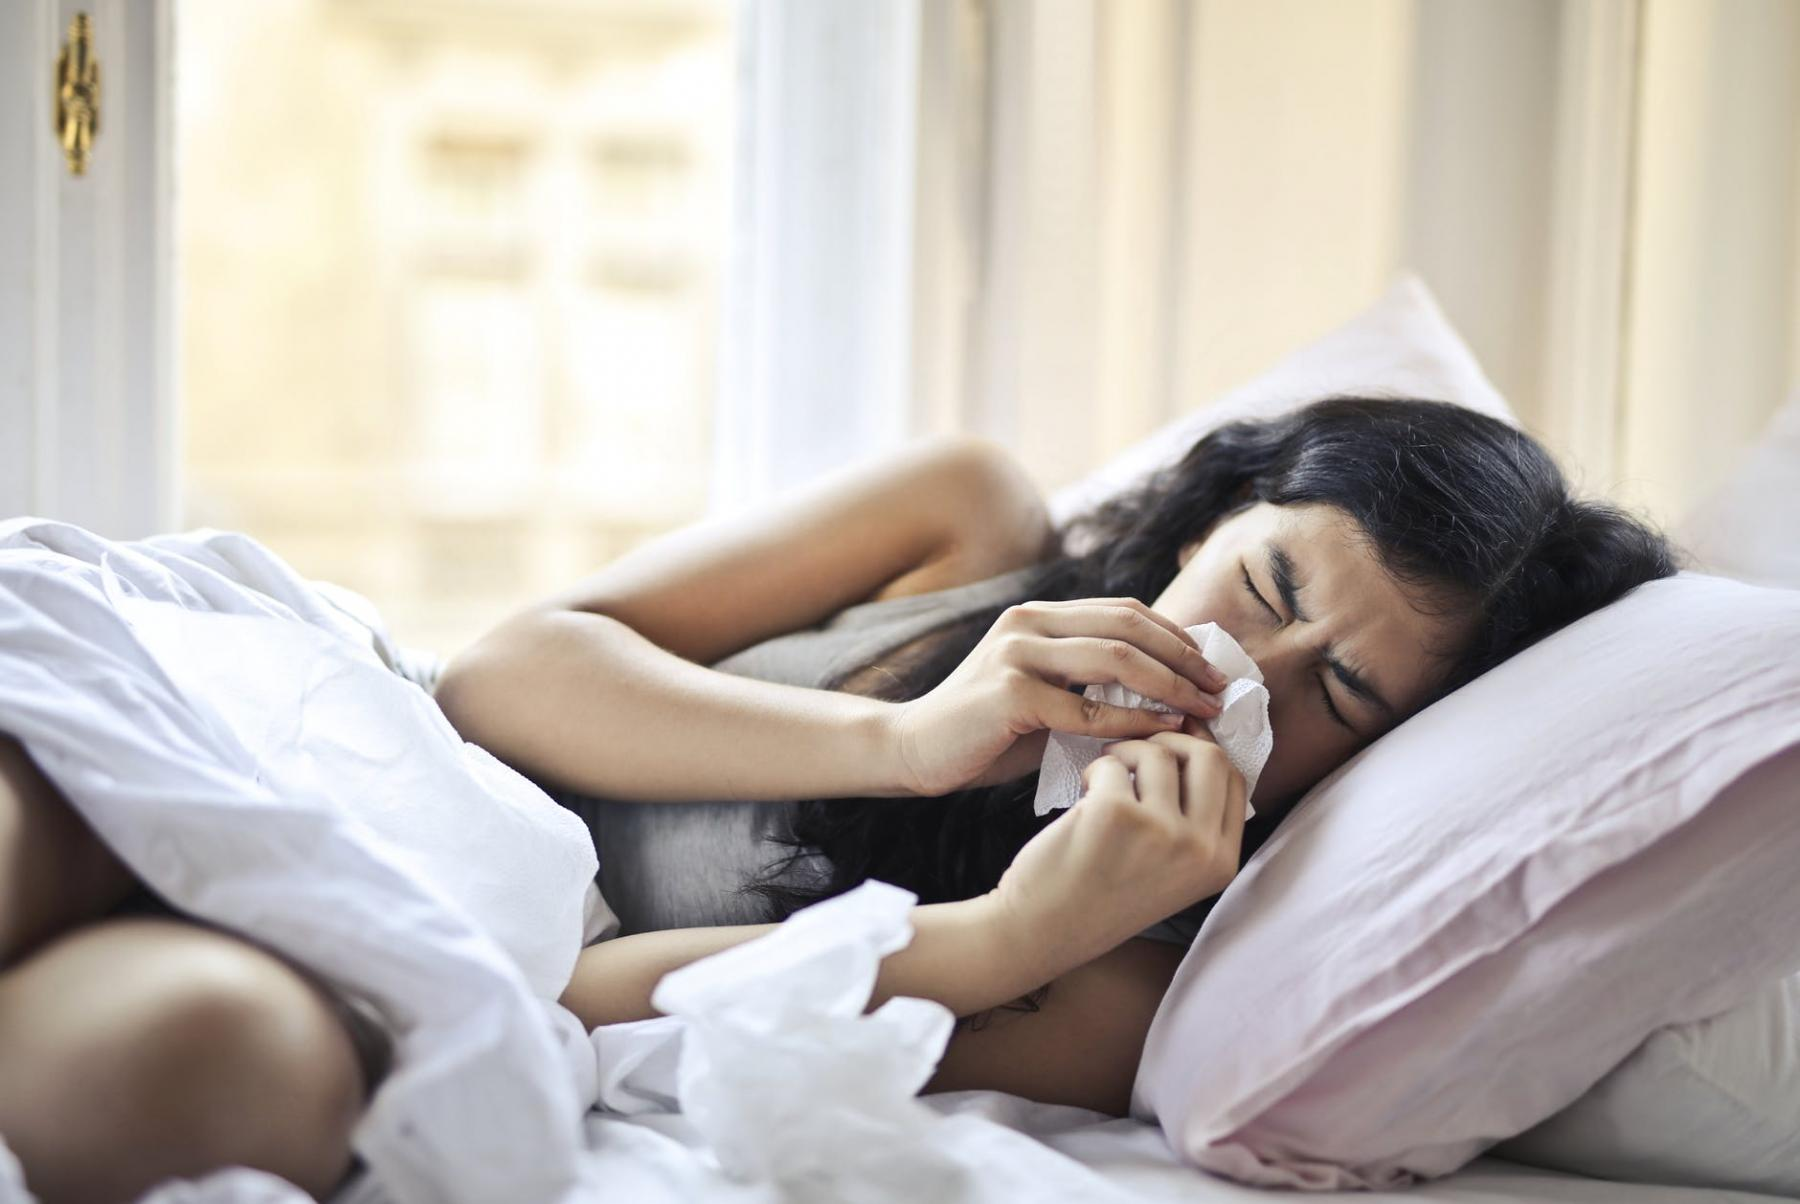 Фото Как избежать развития пневмонии при ОРВИ, рассказал доктор Комаровский 3